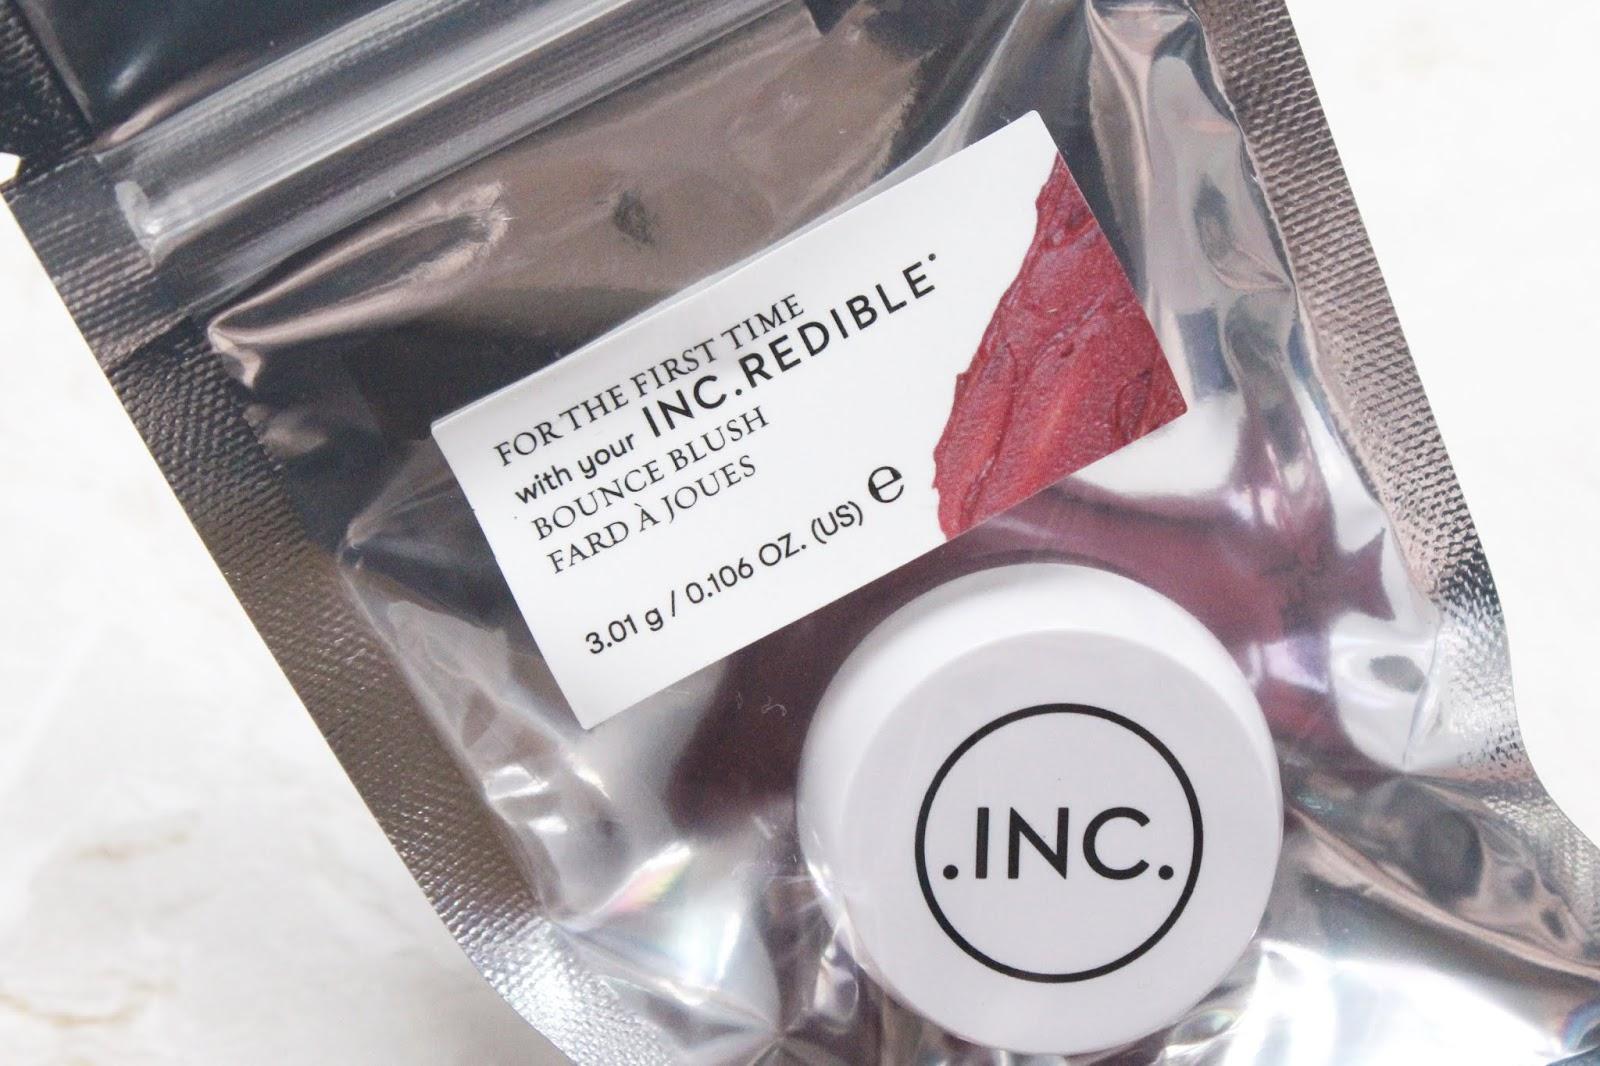 Inc.redible Bounce Blush Review